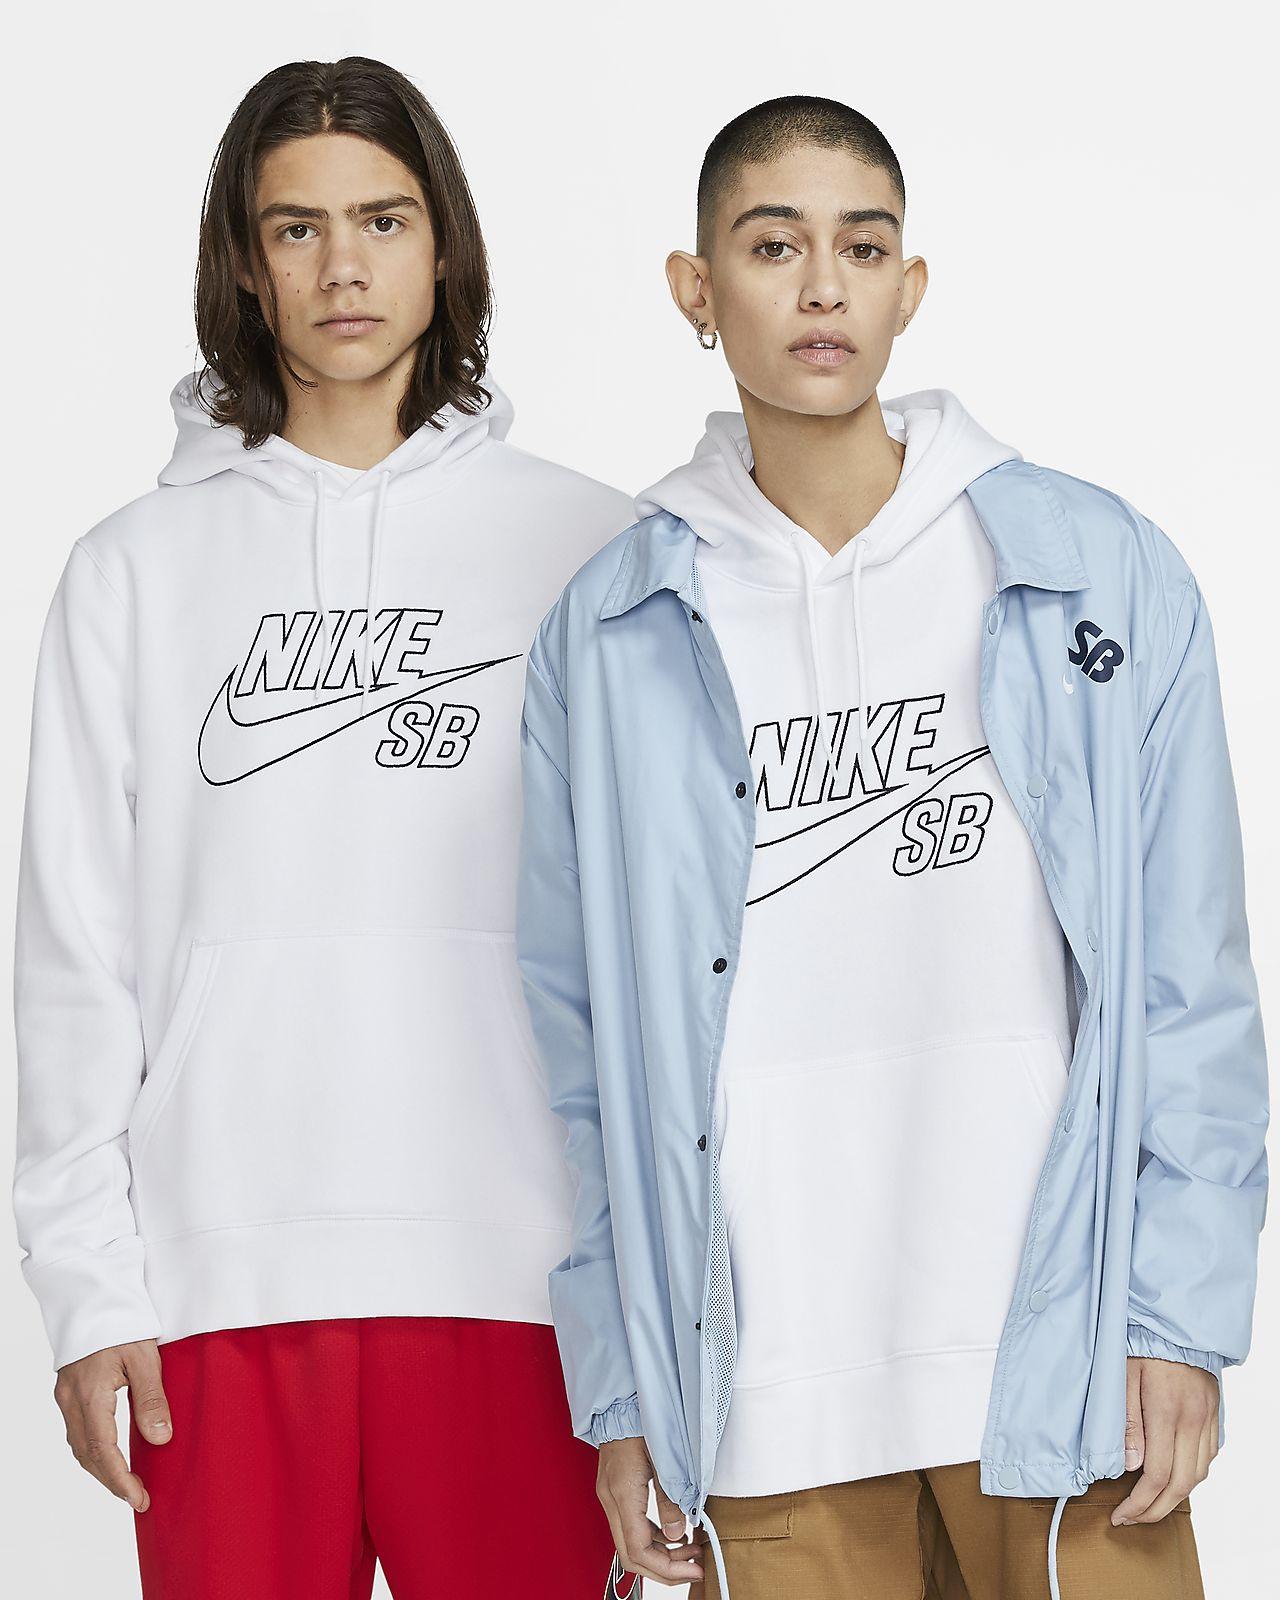 Skateboardová mikina Nike SB s kapucí